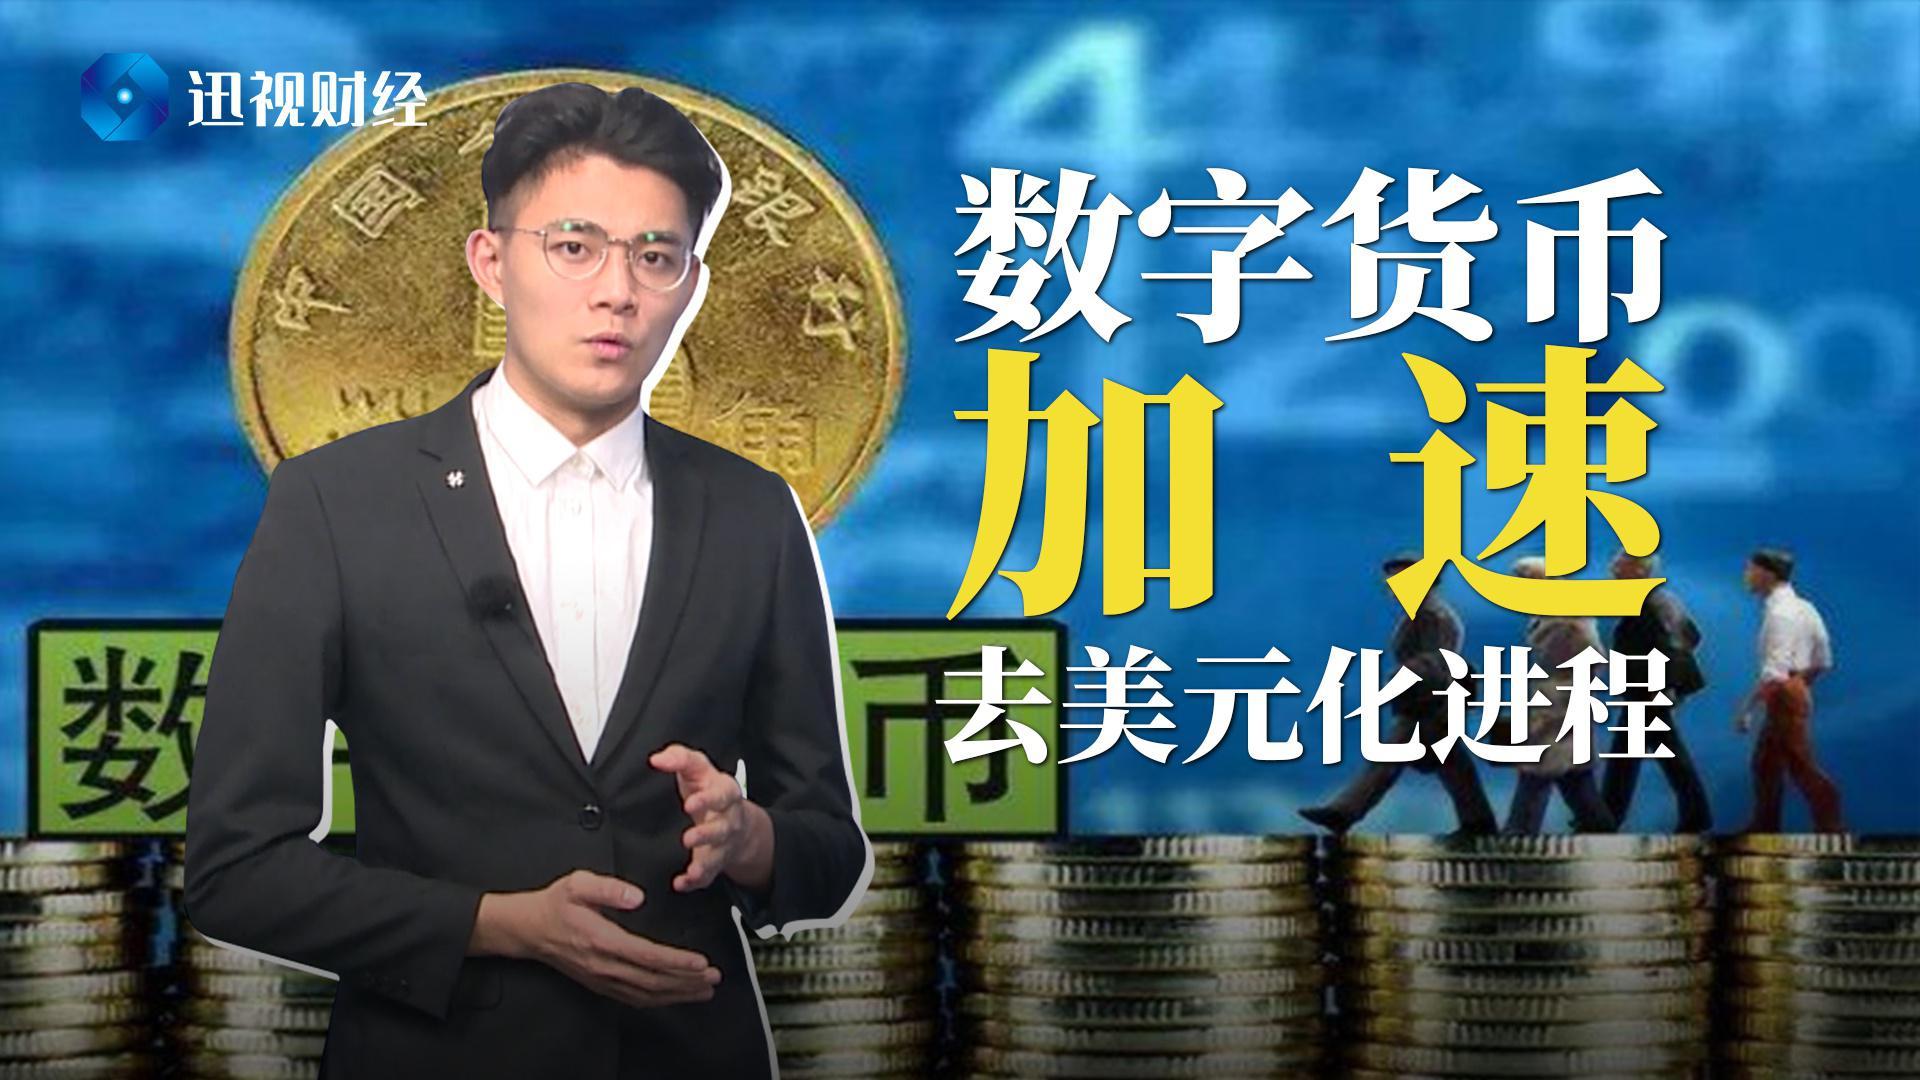 全球首个央行数字货币已问世,去美元化加速,中国不甘落后!